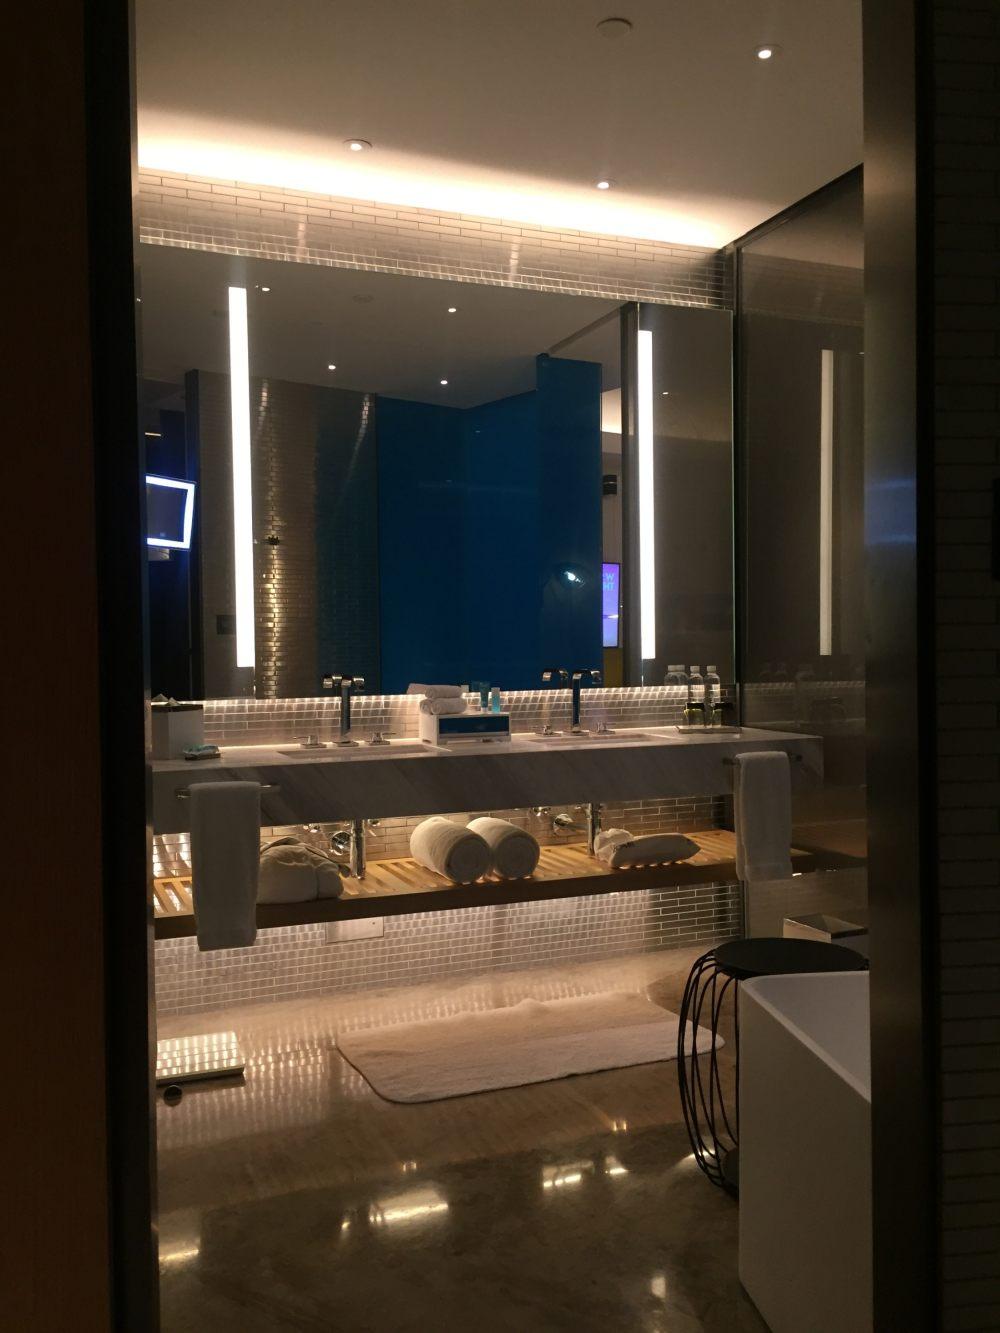 上海外滩W酒店,史上最全入住体验 自拍分享,申请置...._IMG_5856.JPG